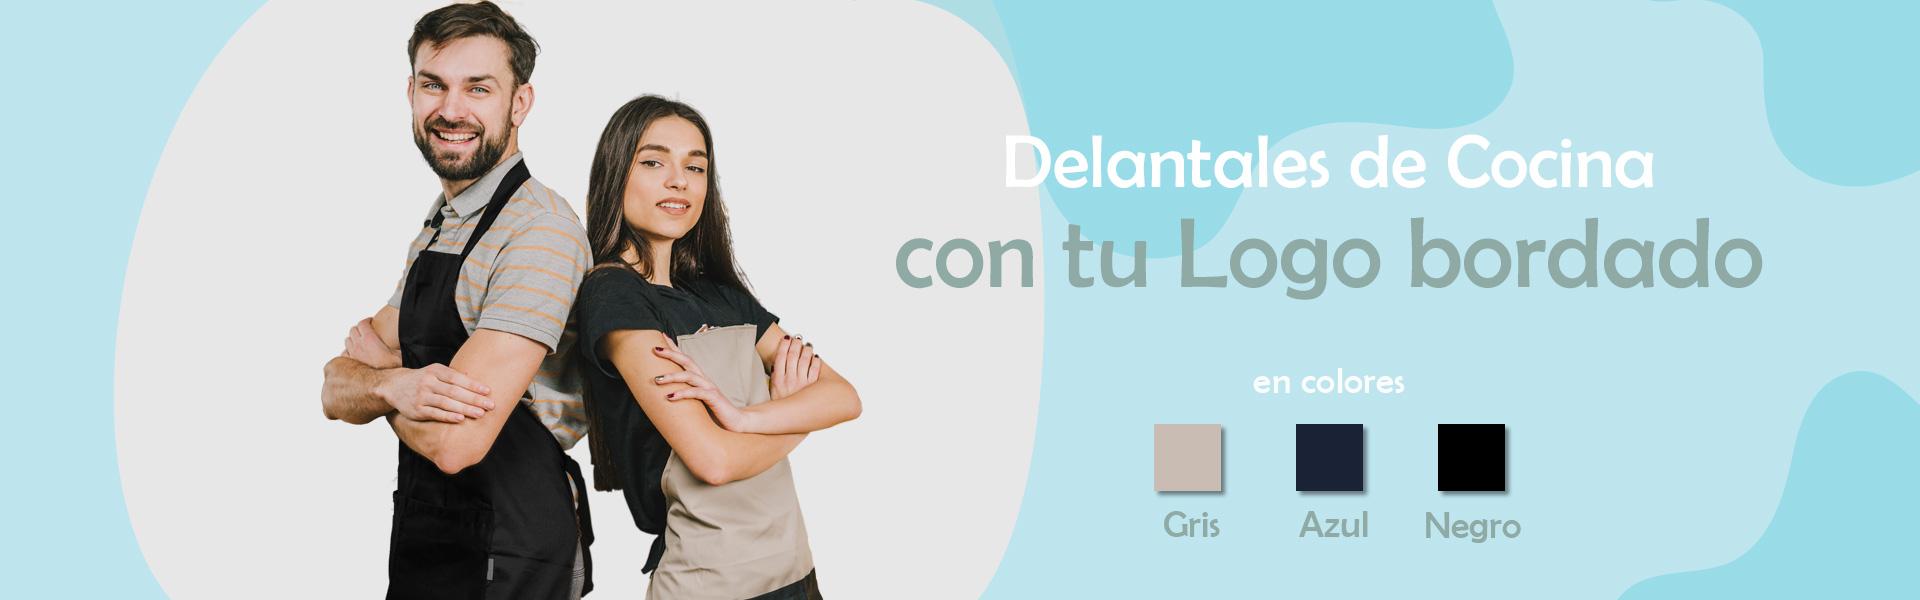 Lotus Textil - Vistiendo Empresas